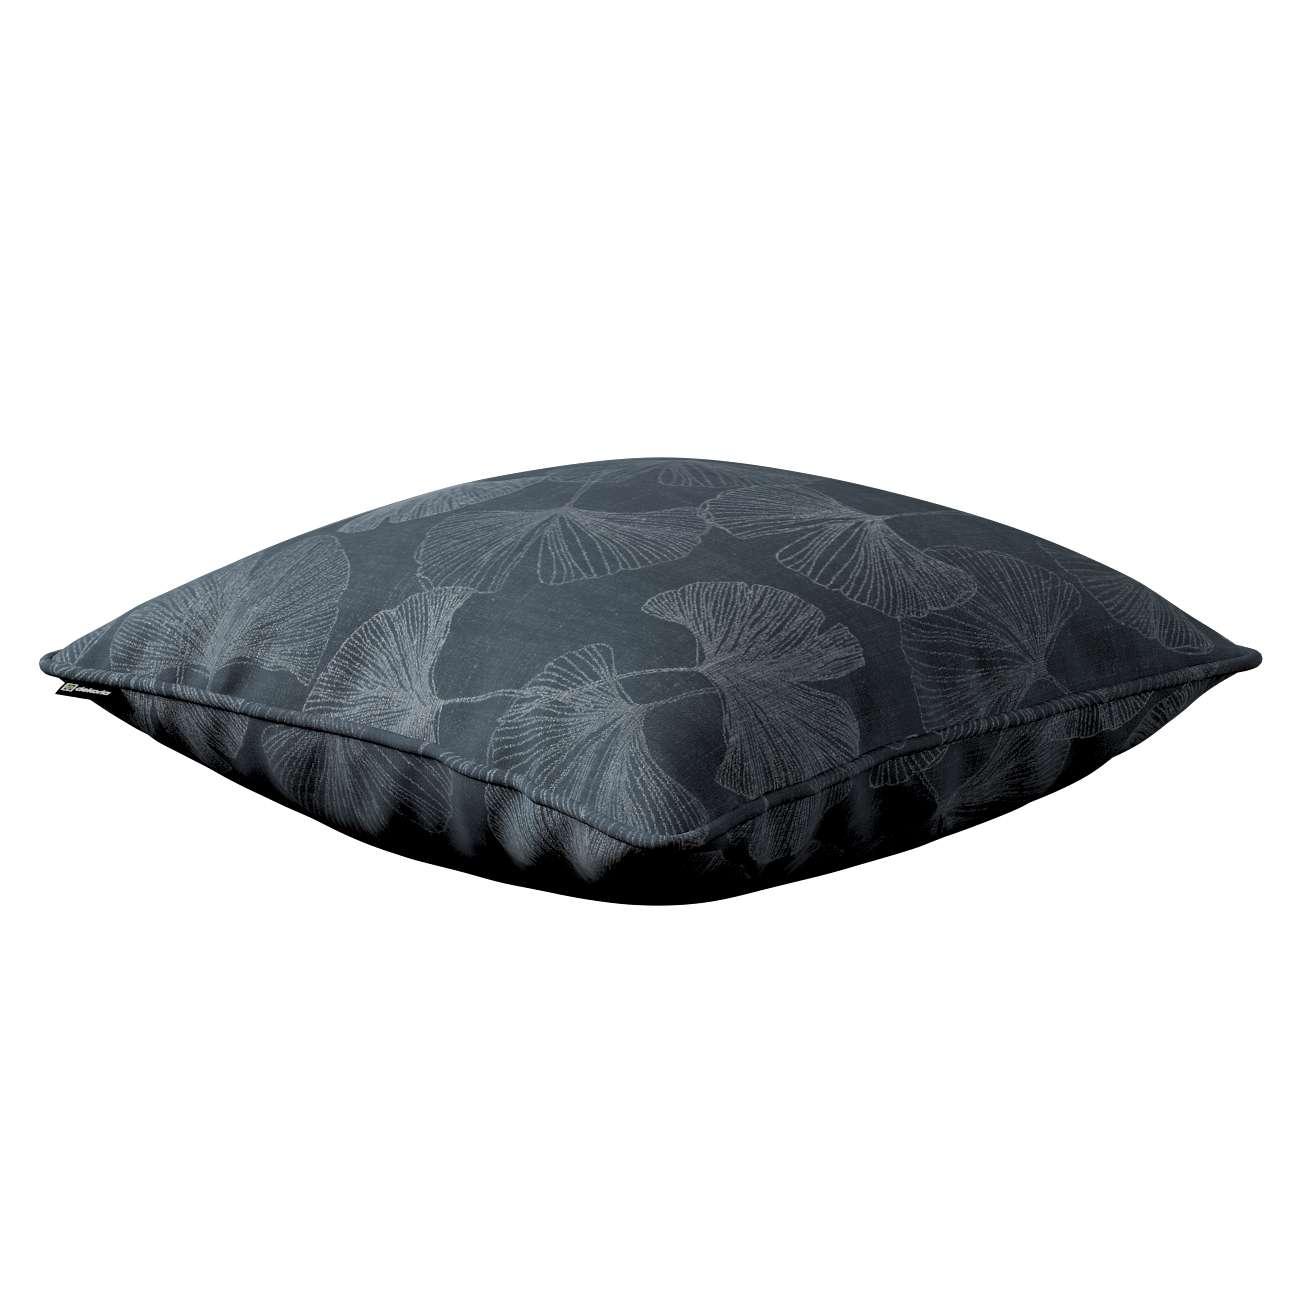 Poszewka Gabi na poduszkę w kolekcji Venice, tkanina: 143-52